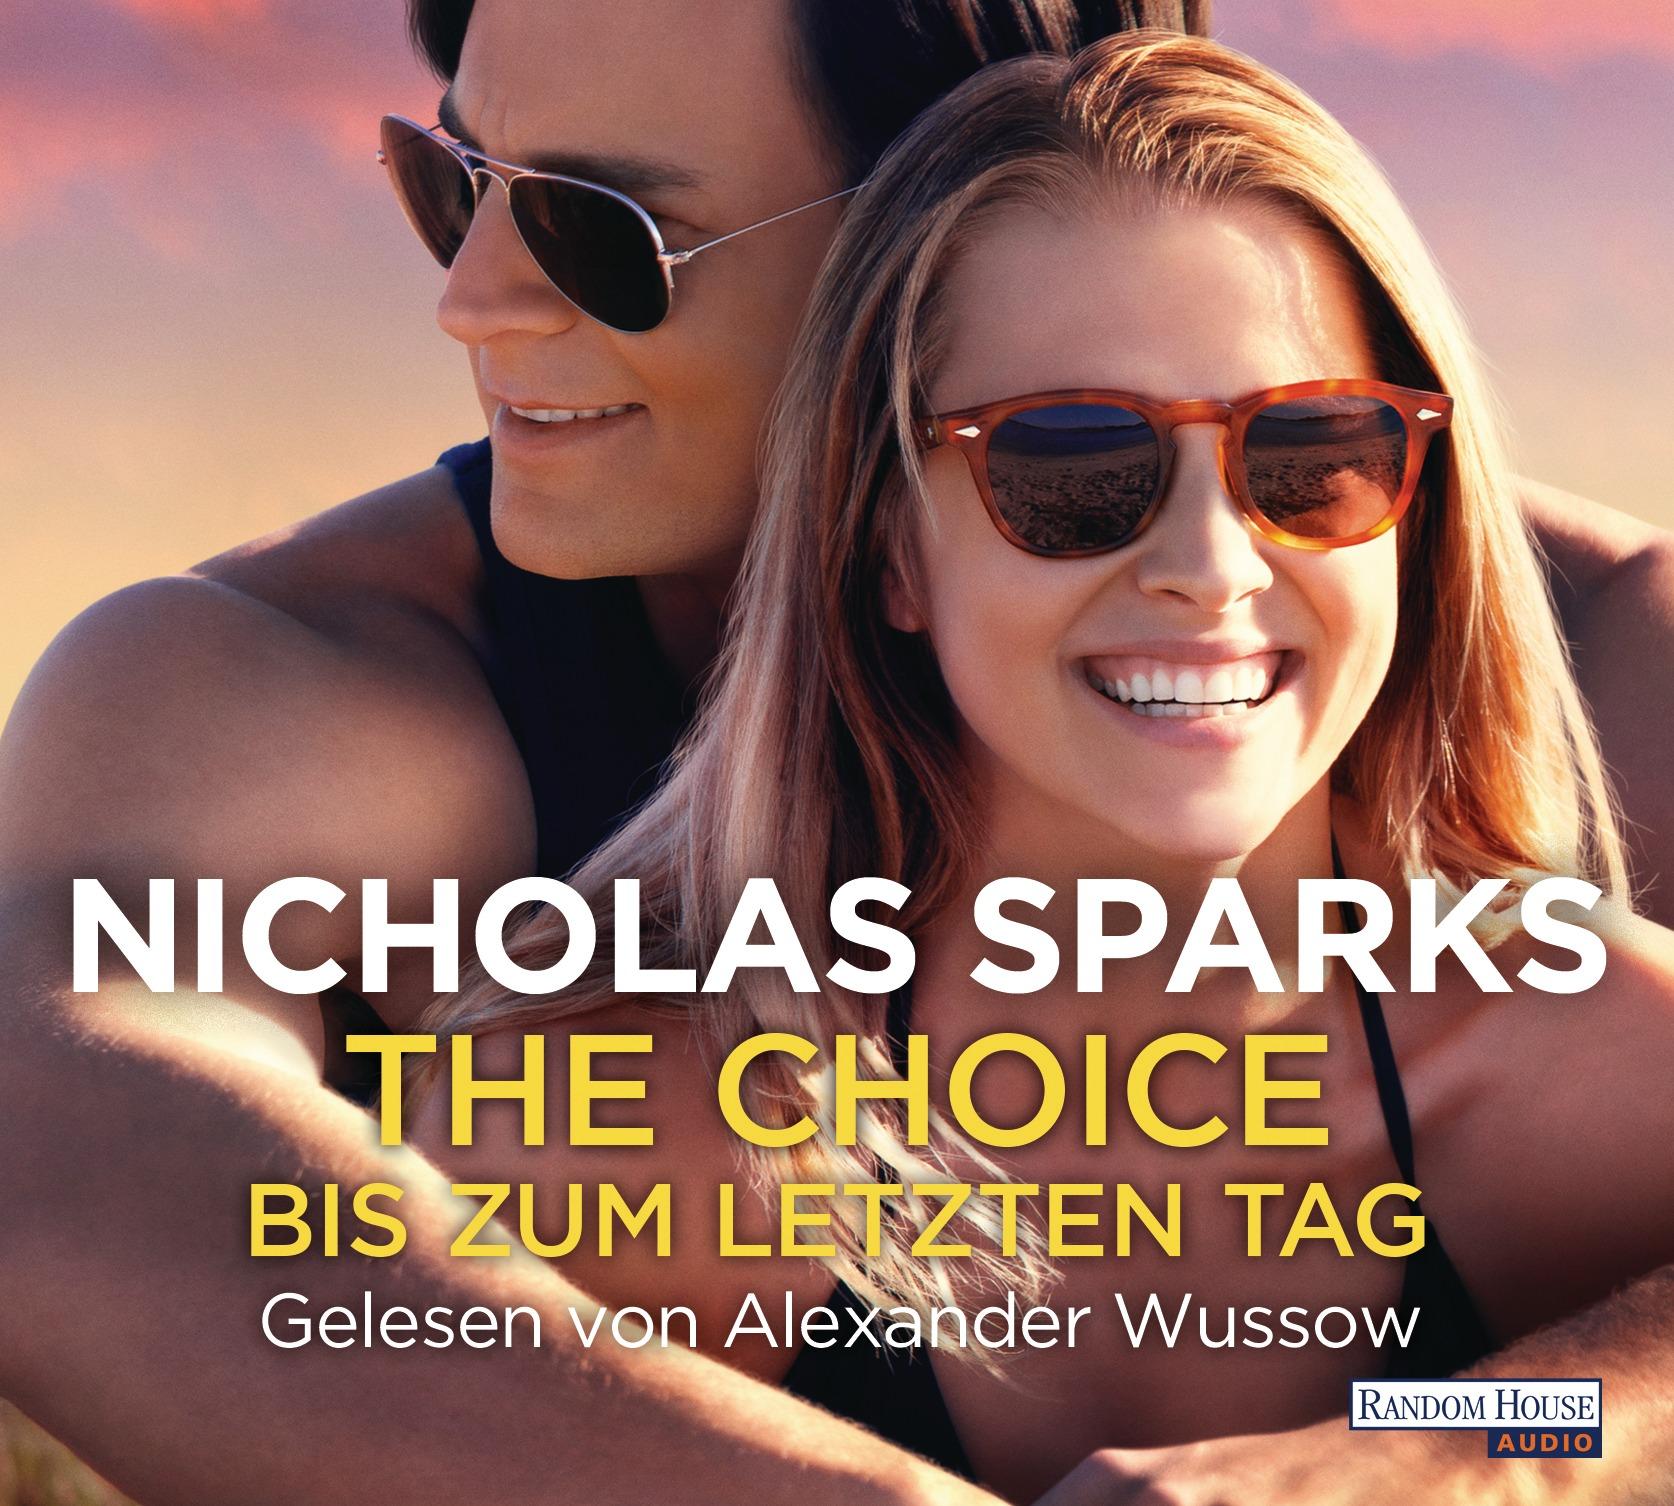 The Choice - Bis zum letzten Tag von Nicholas Sparks